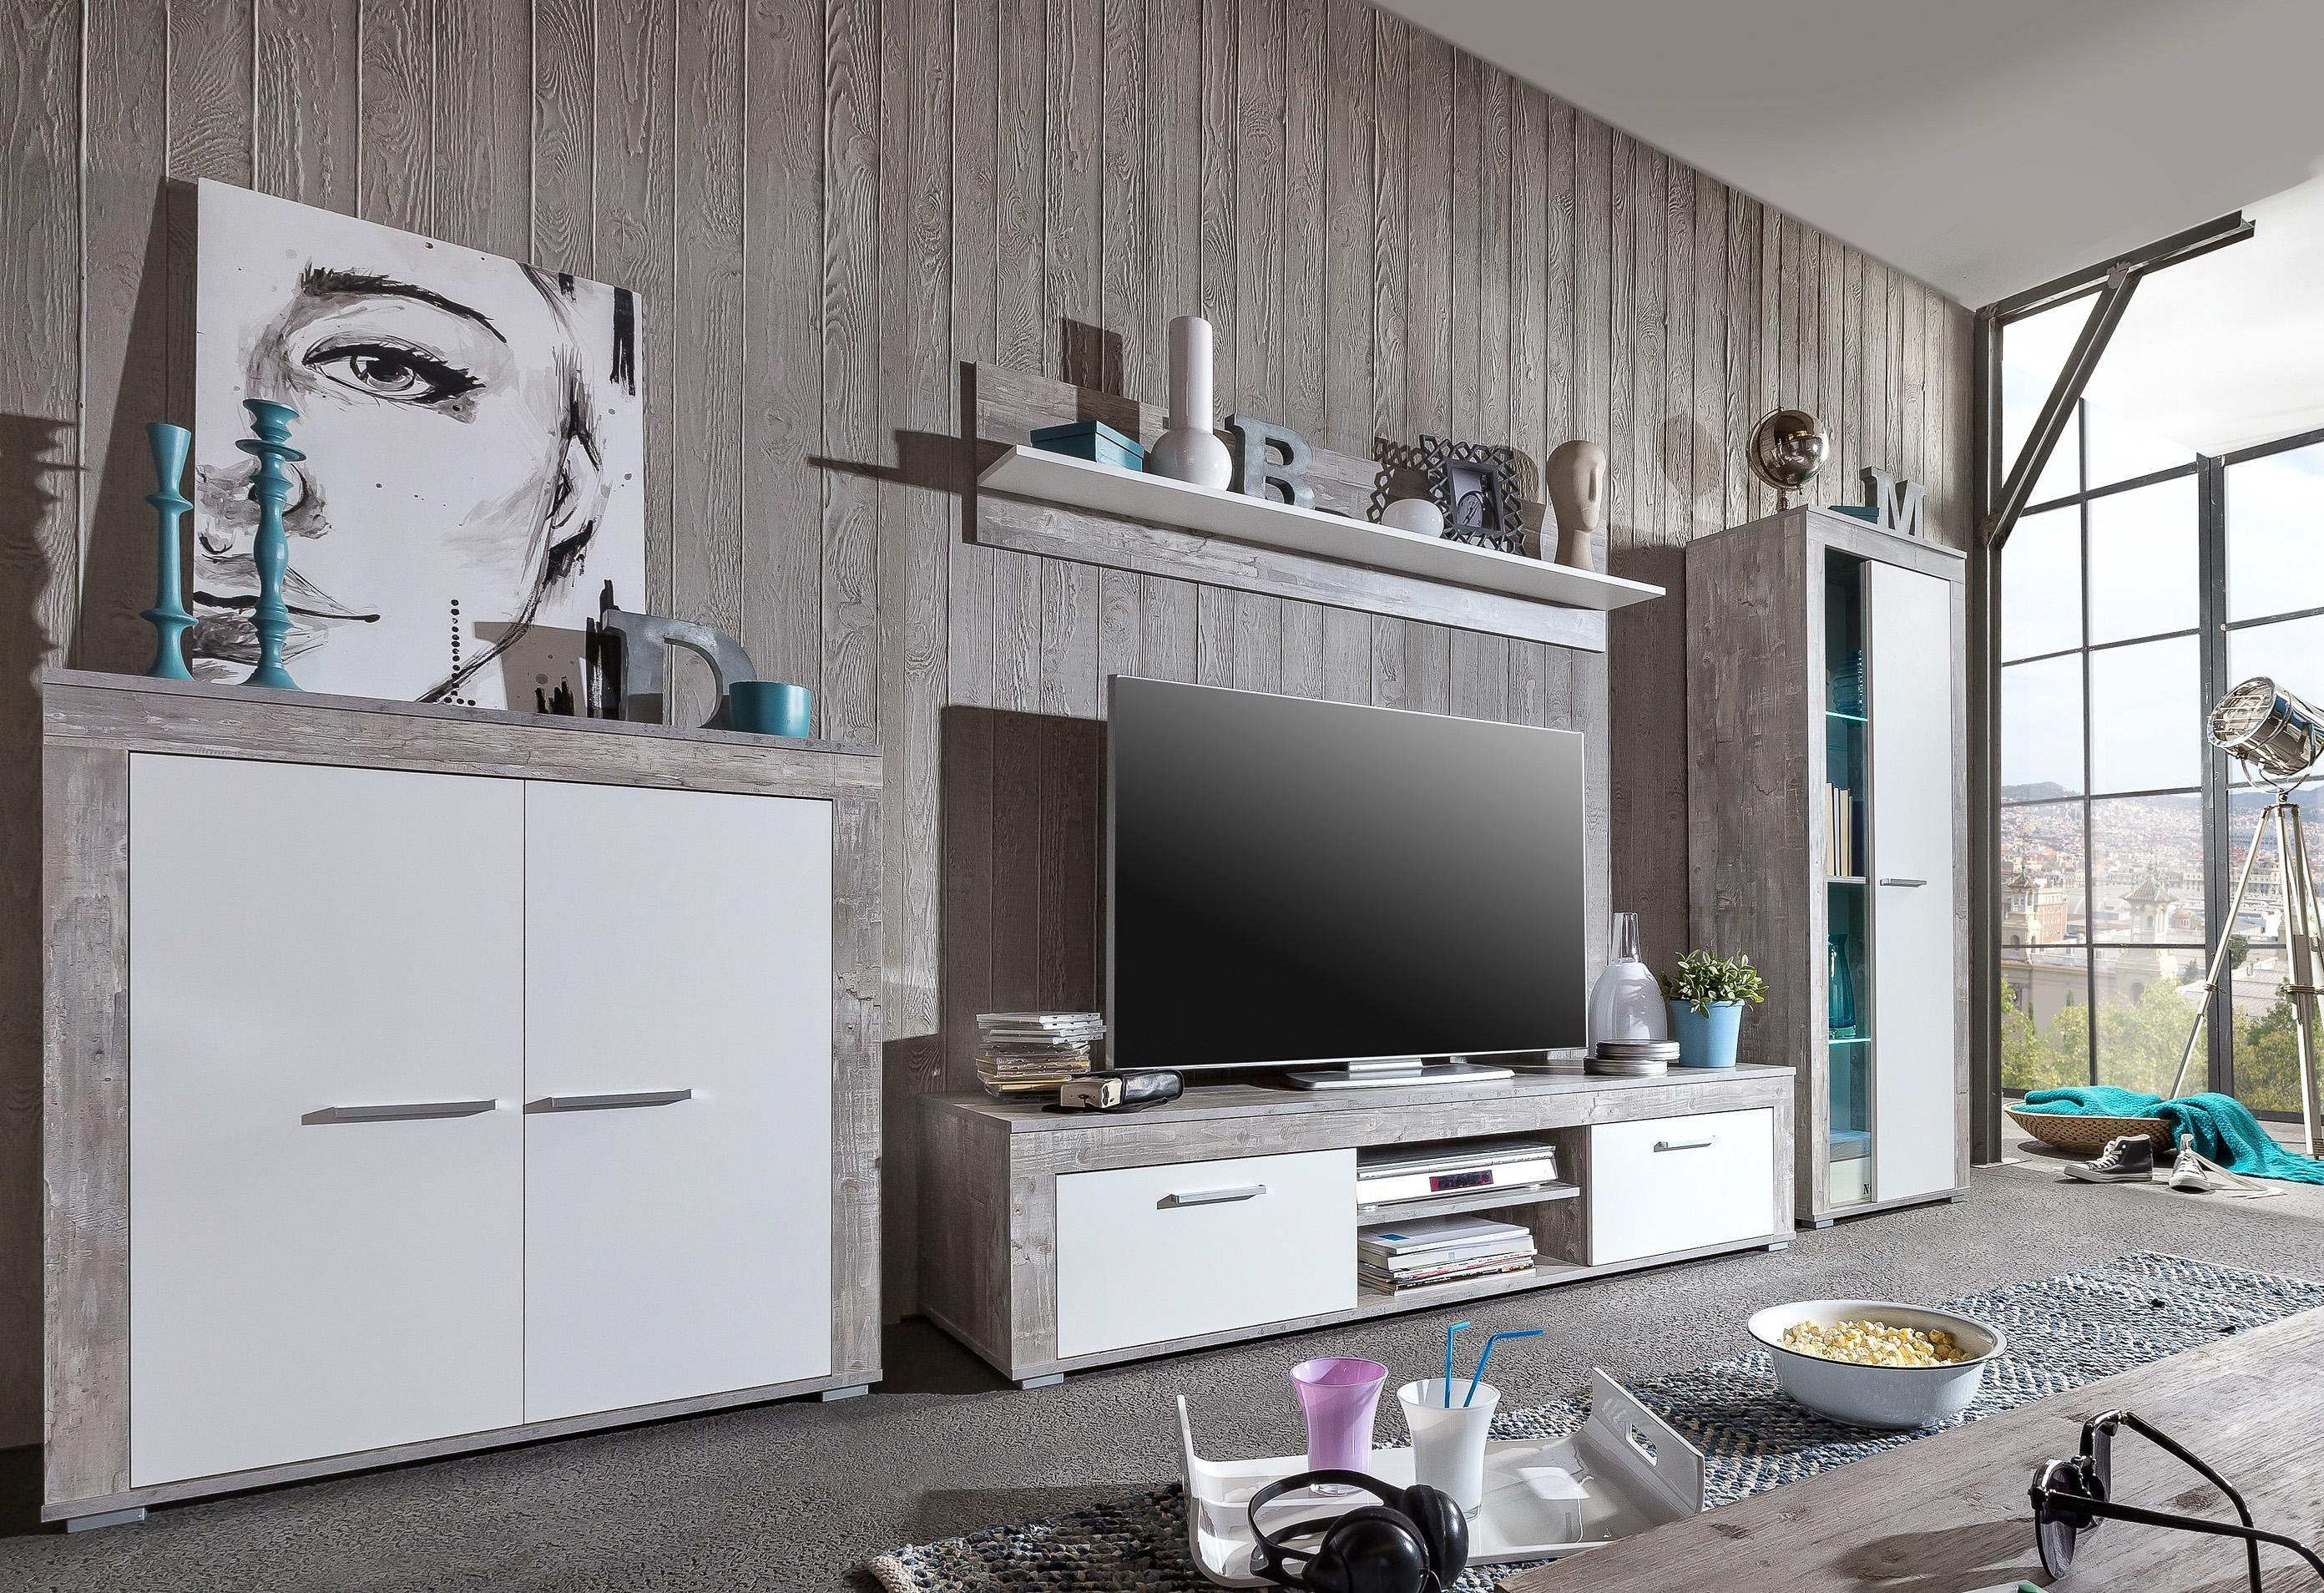 Wohnwand Weie Holz ~ Schönes wohnwand holz home dekorationsideen und interior design